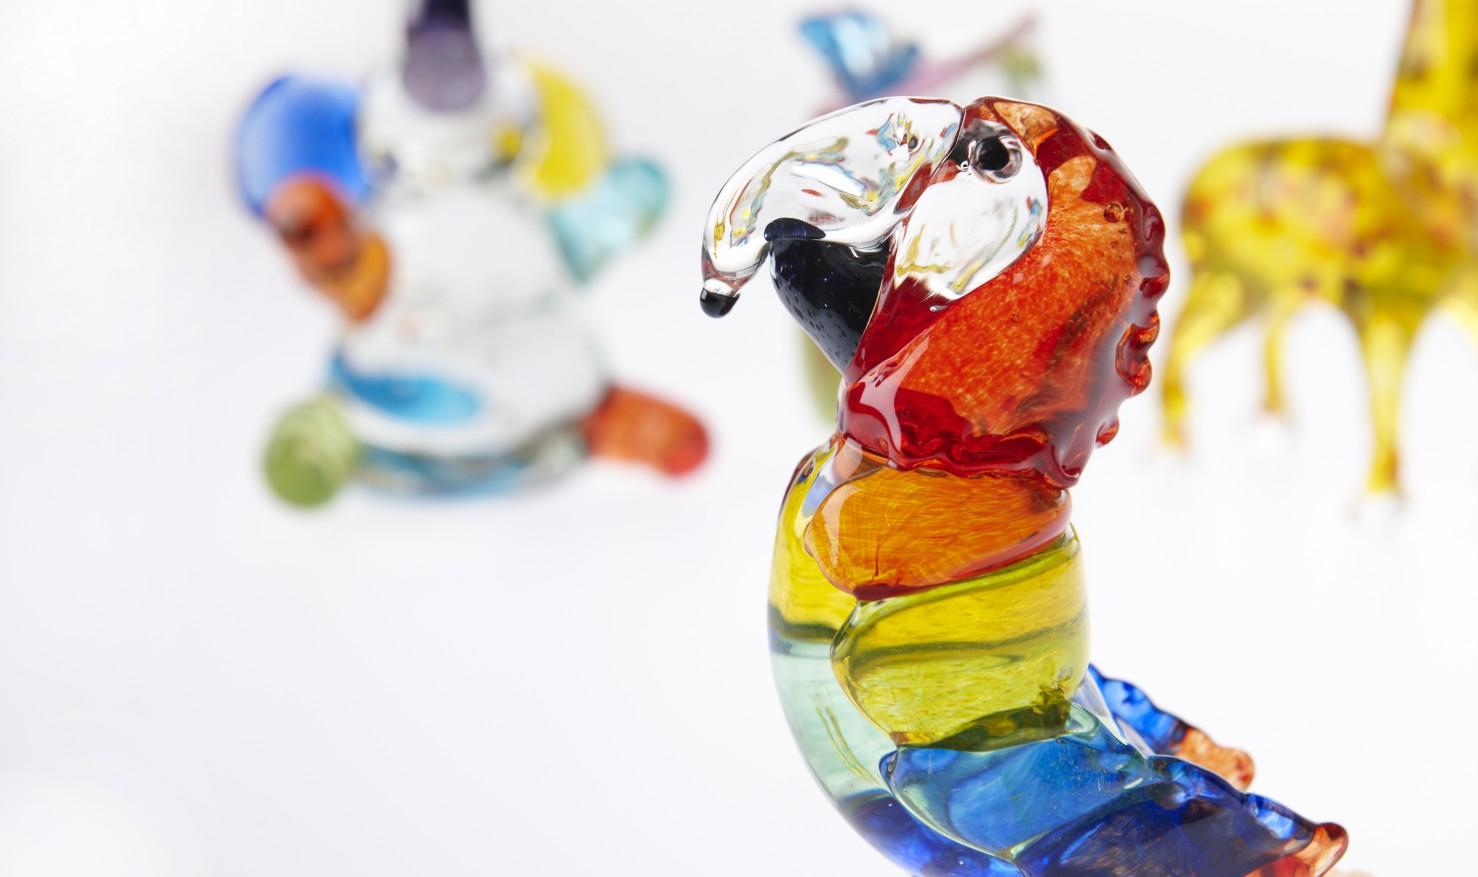 シロクマ・カメレオン・ヒツジ・サル・フクロウ・キリン・カタツムリ −composition −グラス− by ガラス工房Merhaba   / 小林大輔